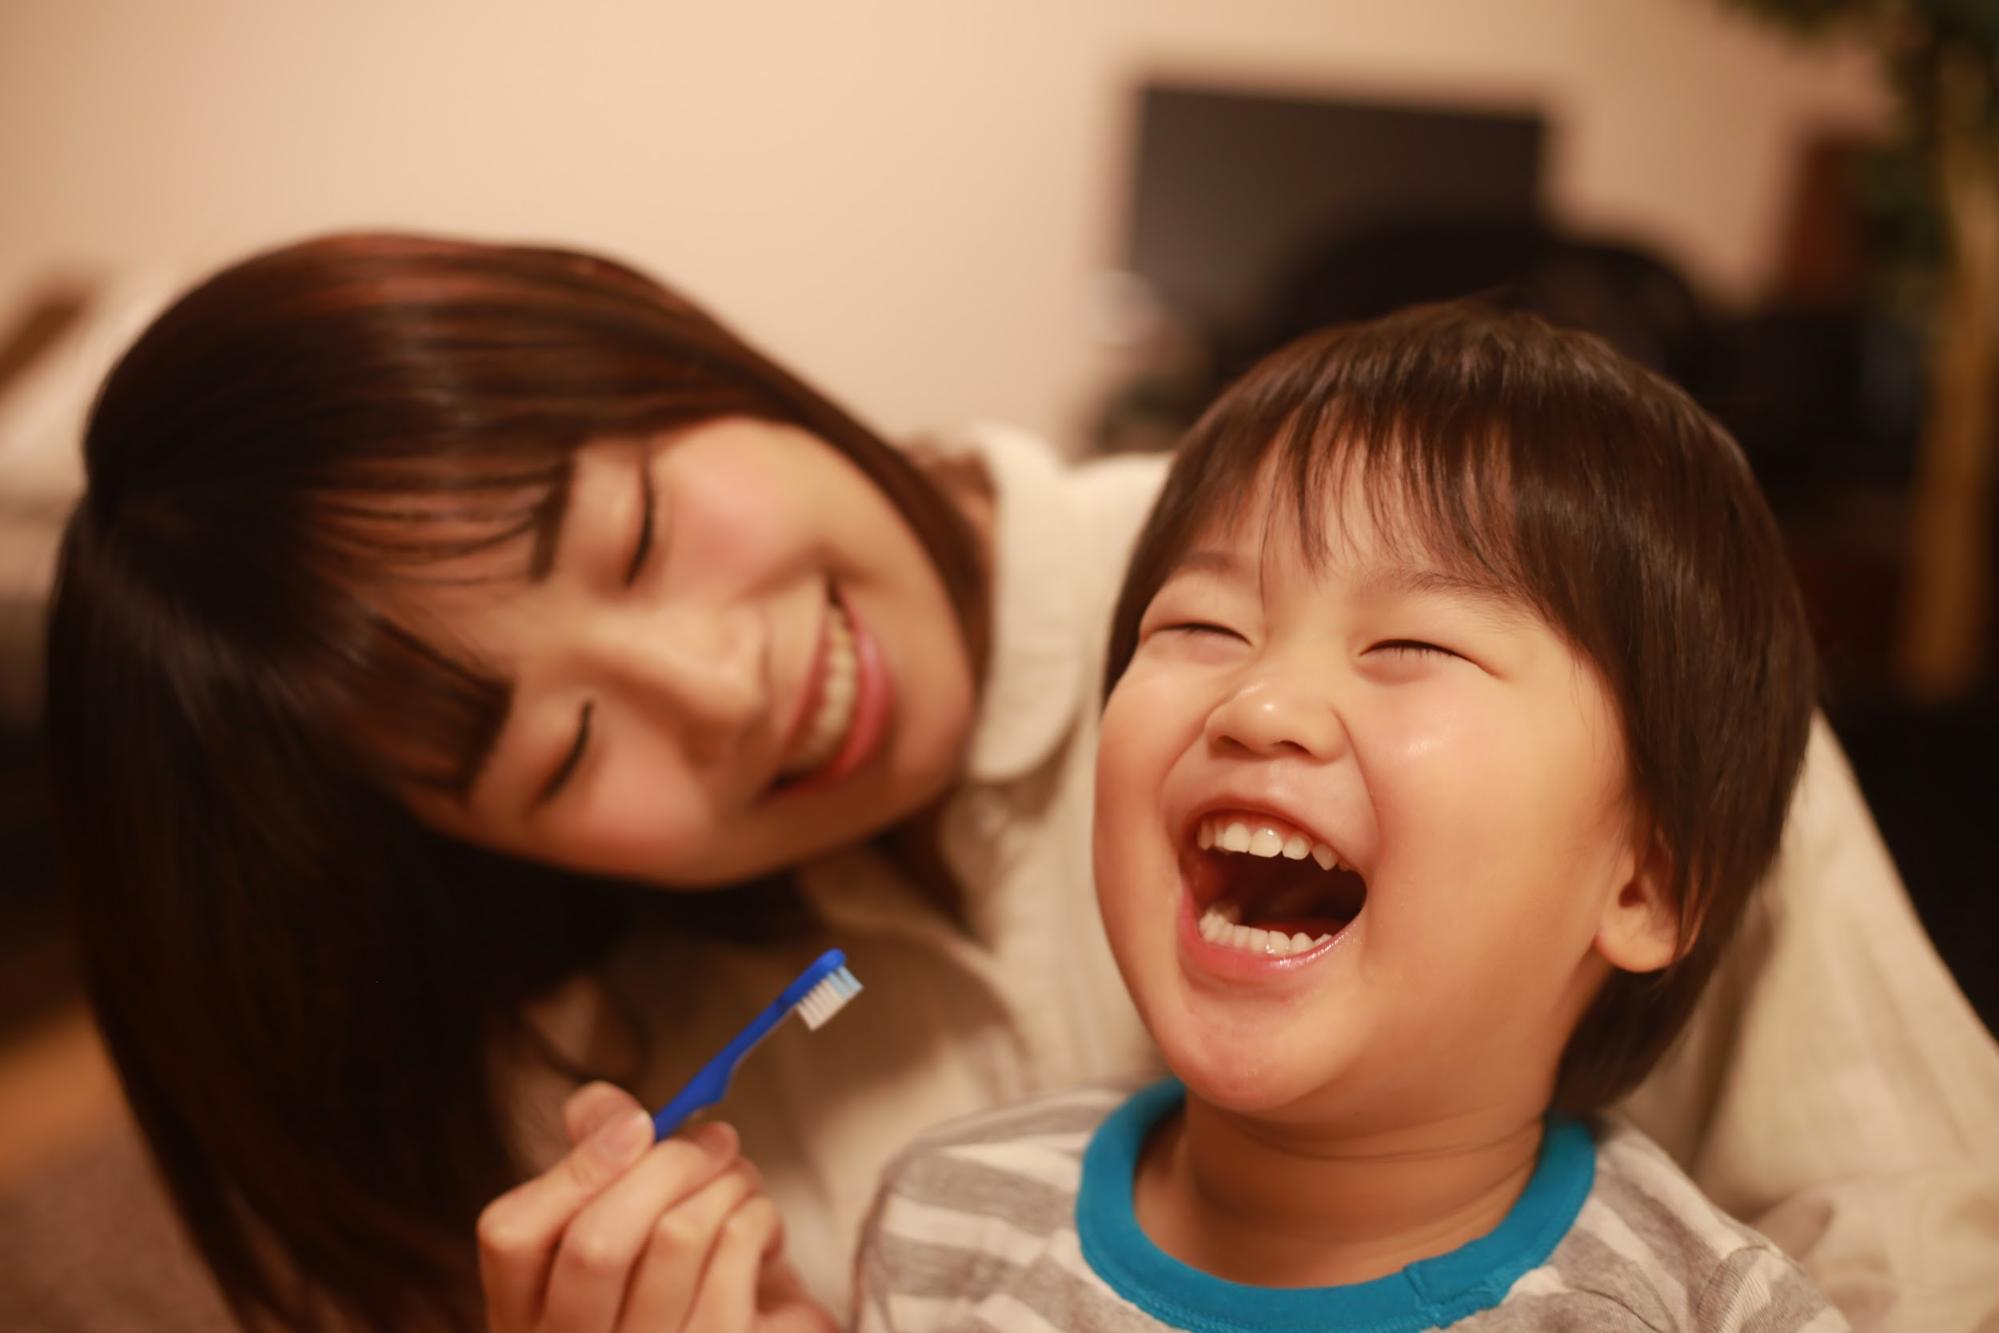 乳歯の虫歯予防に!上手な「仕上げ磨き」の方法